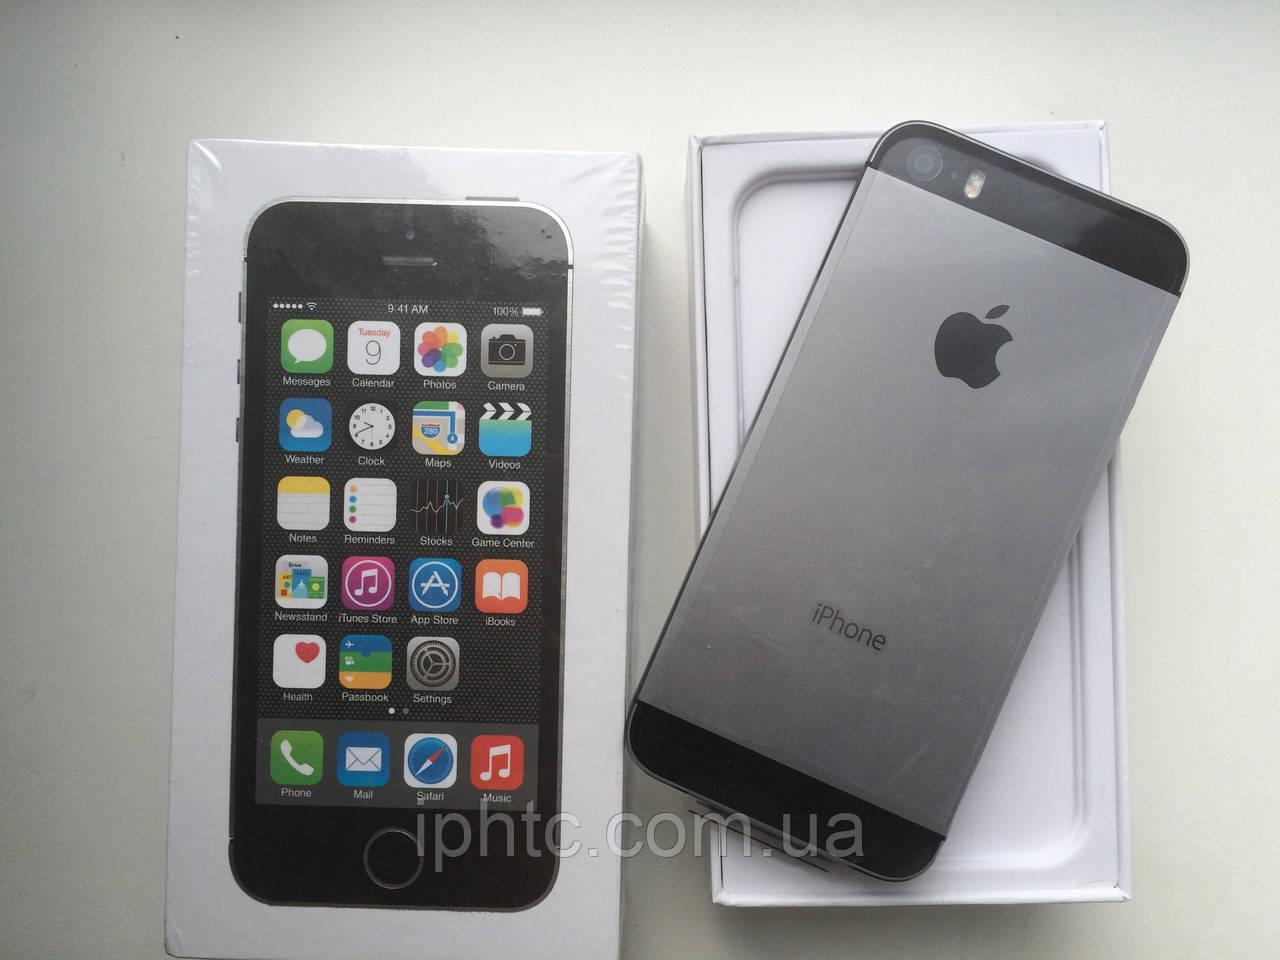 iphone 5 16gb купить украина